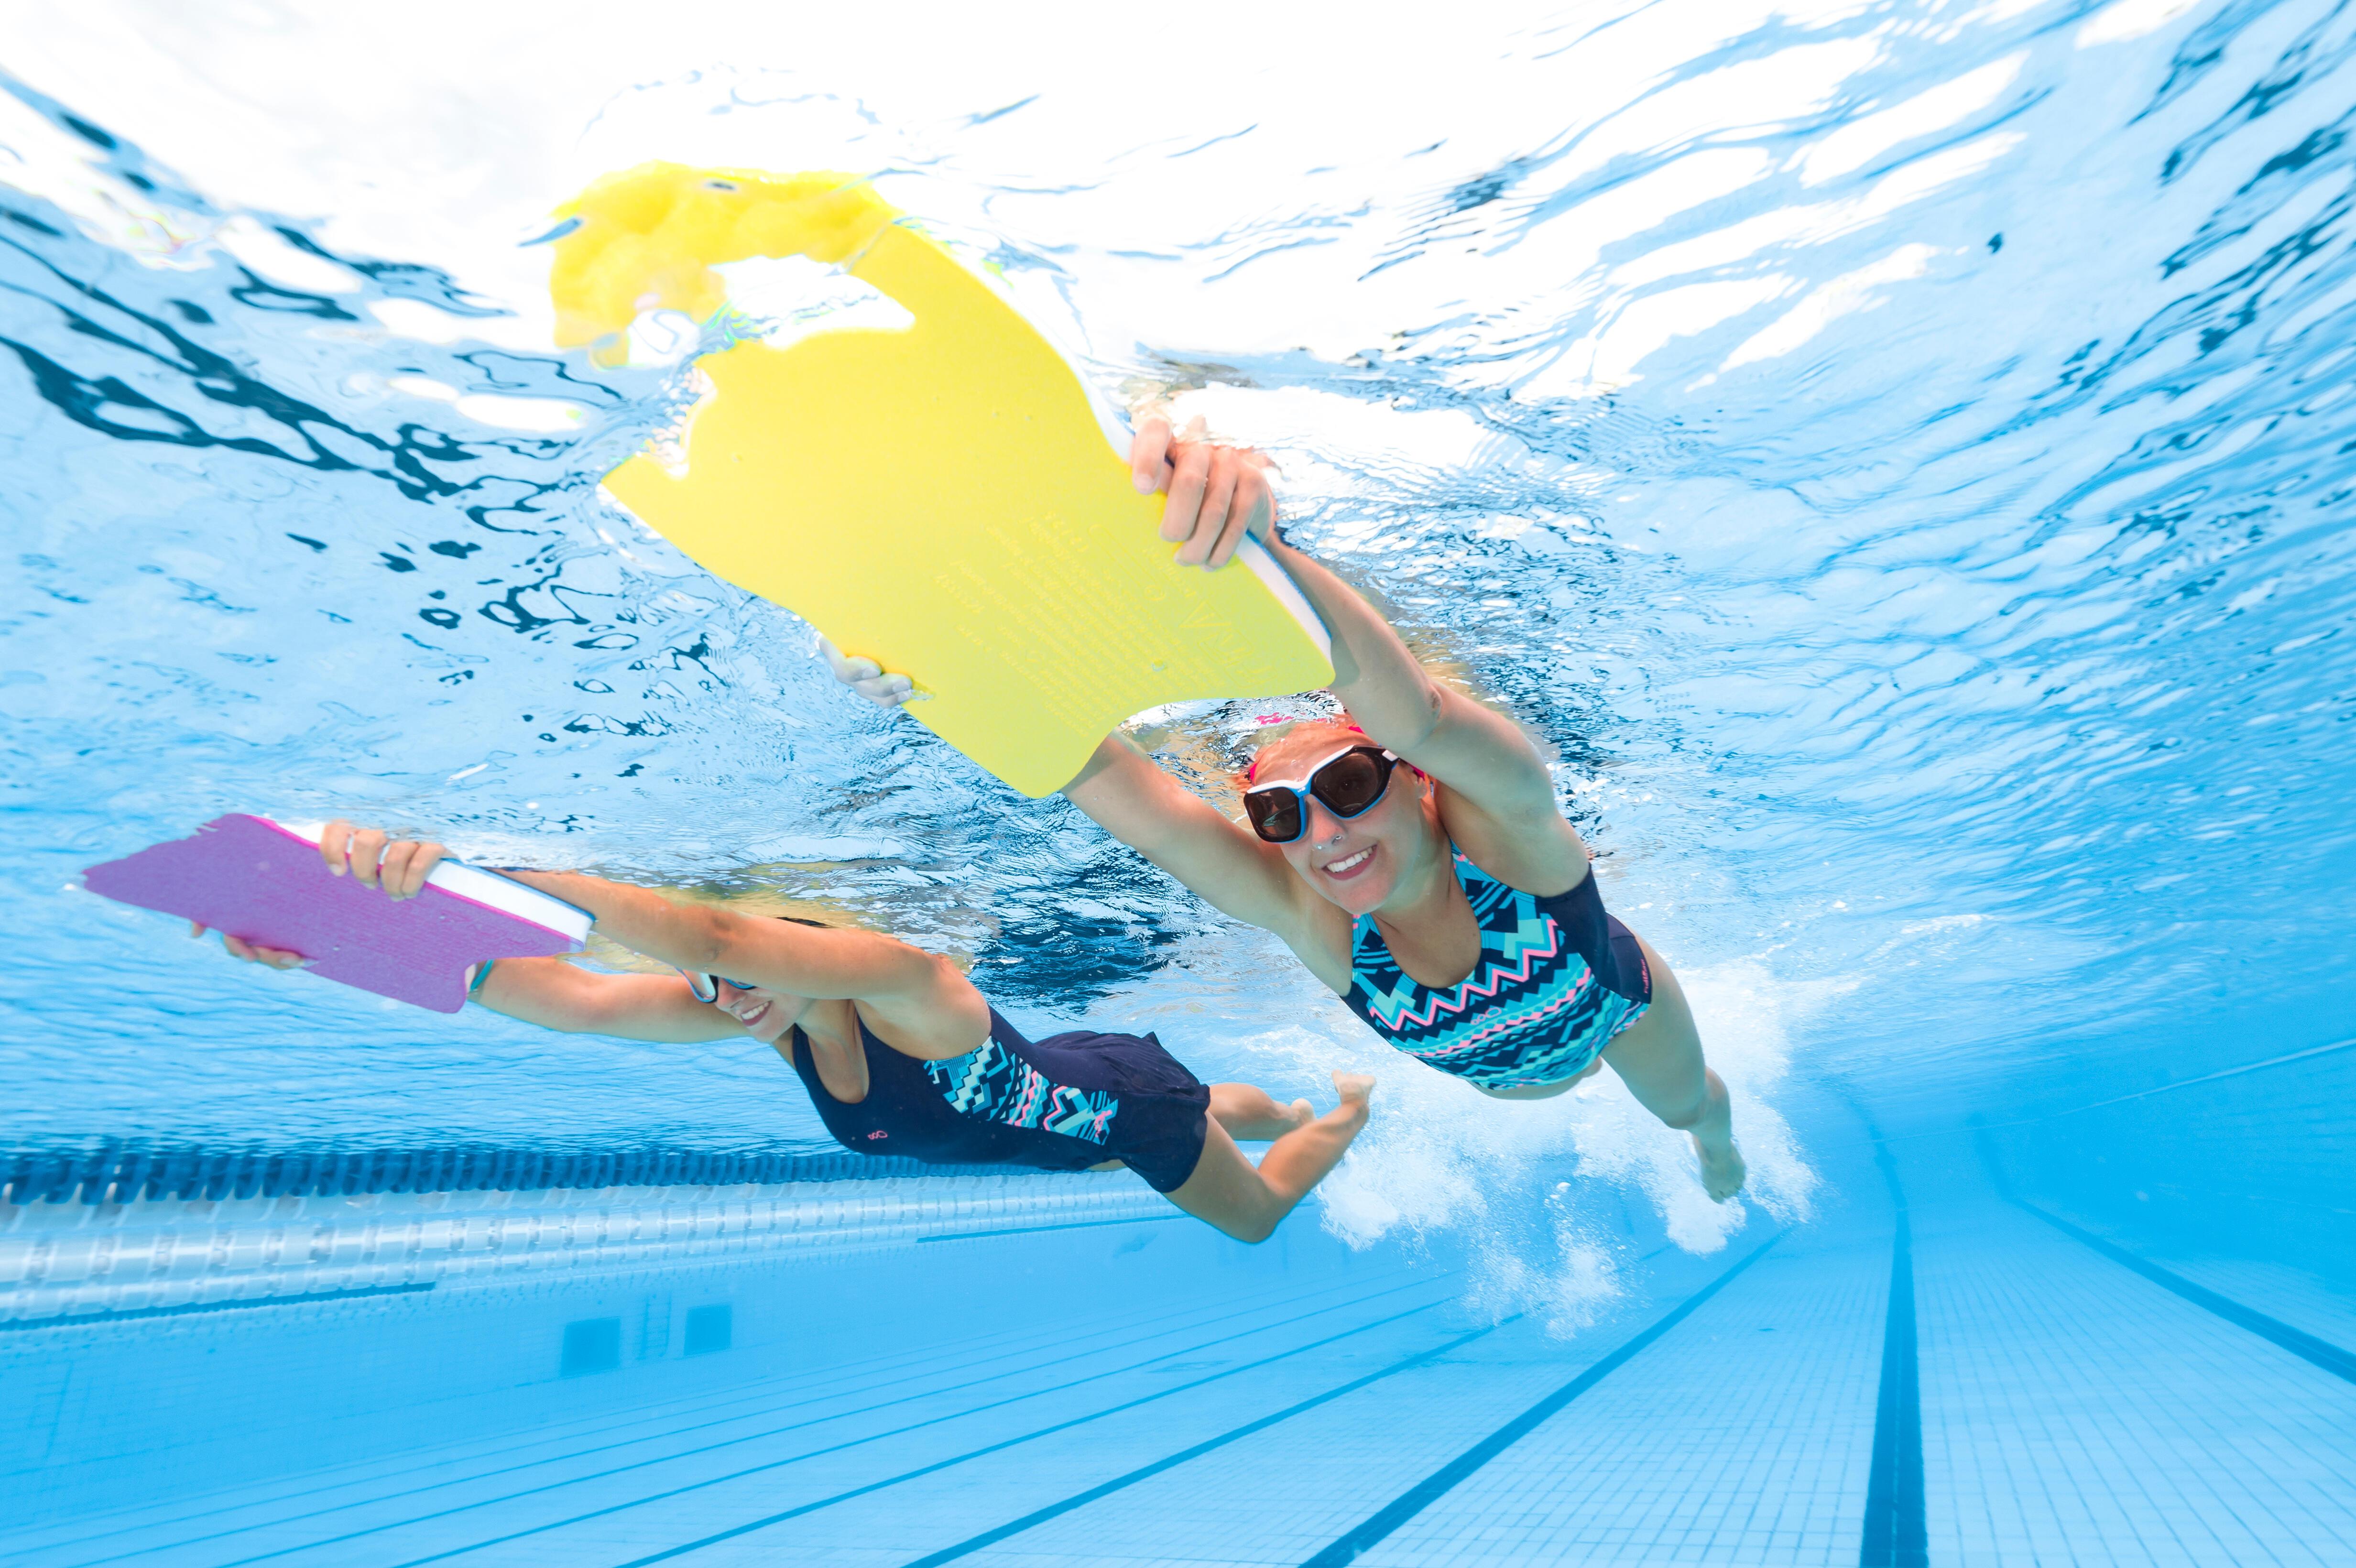 ชุดว่ายน้ำวันพีซแบบกระโปรงสำหรับผู้หญิงรุ่น Vega (สีน้ำเงิน)